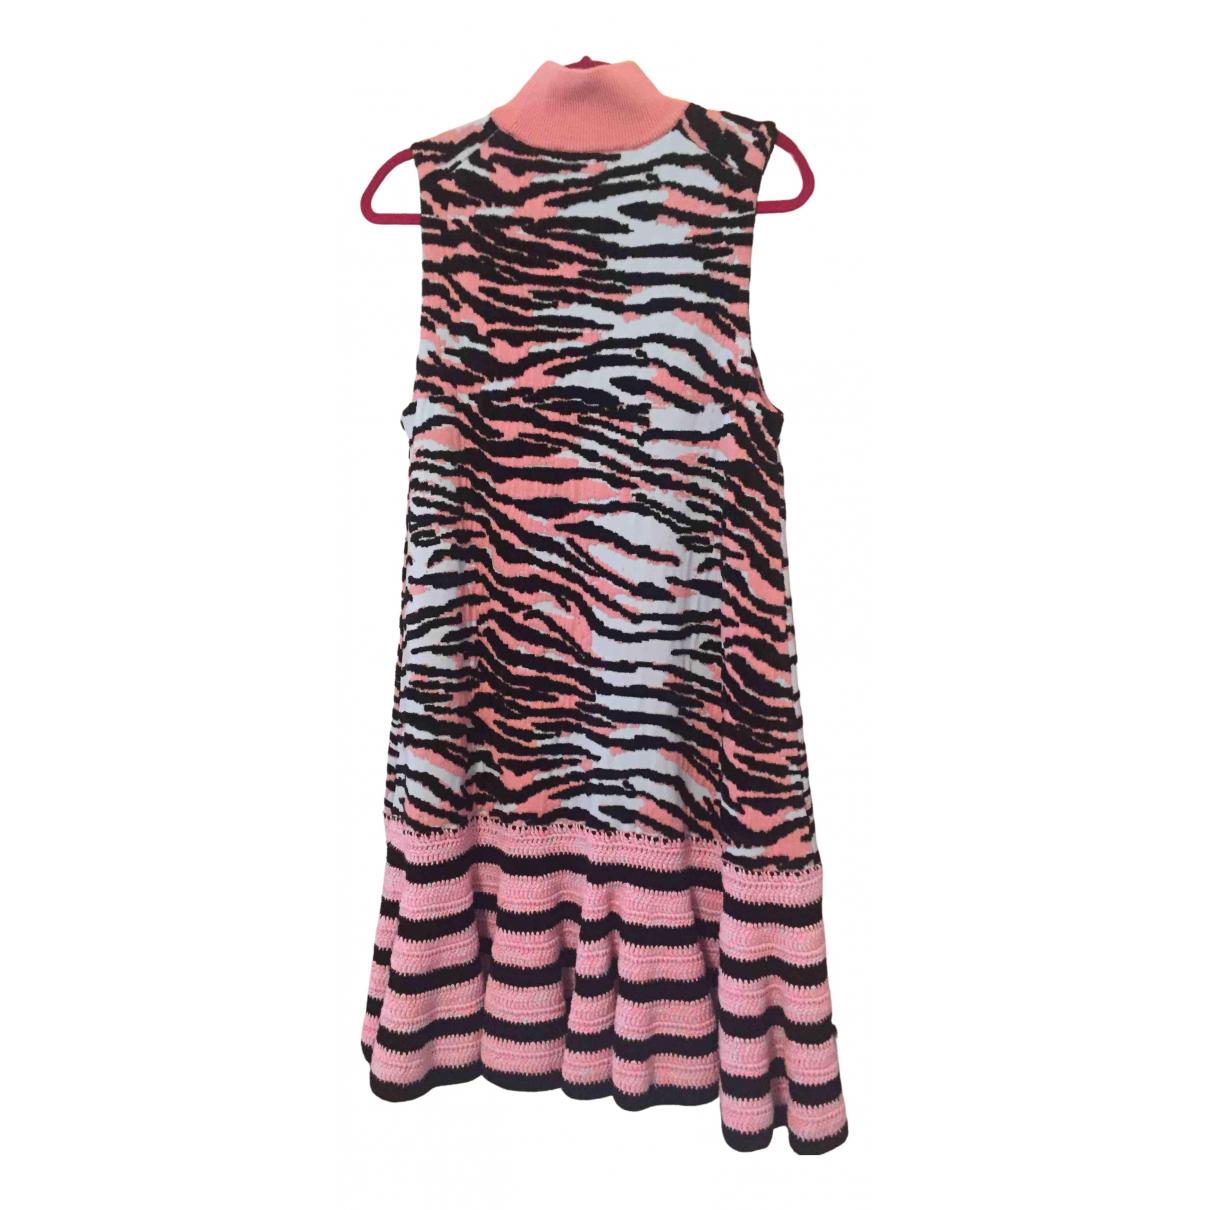 Kenzo X H&m \N Kleid in  Rosa Wolle